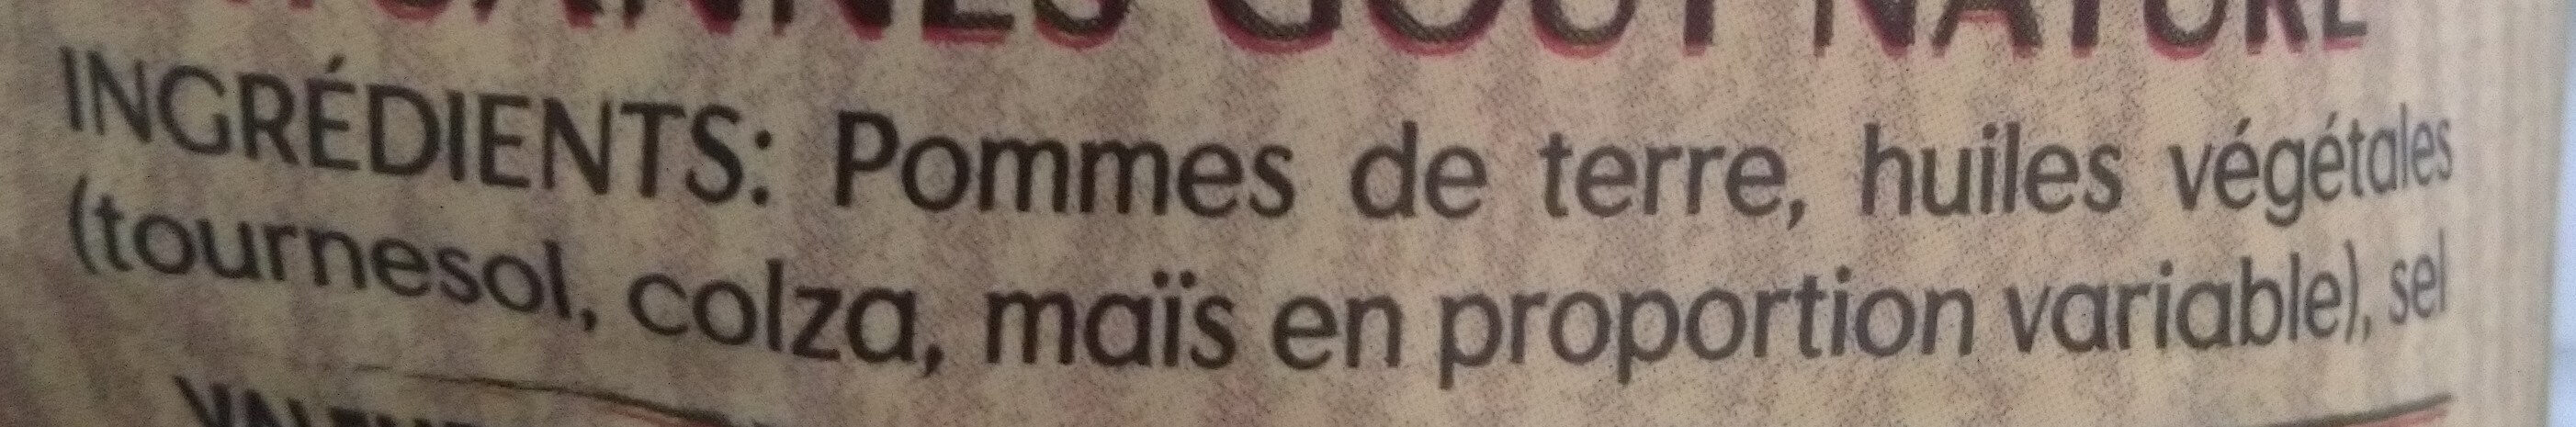 Chips paysannes - Ingrédients - fr